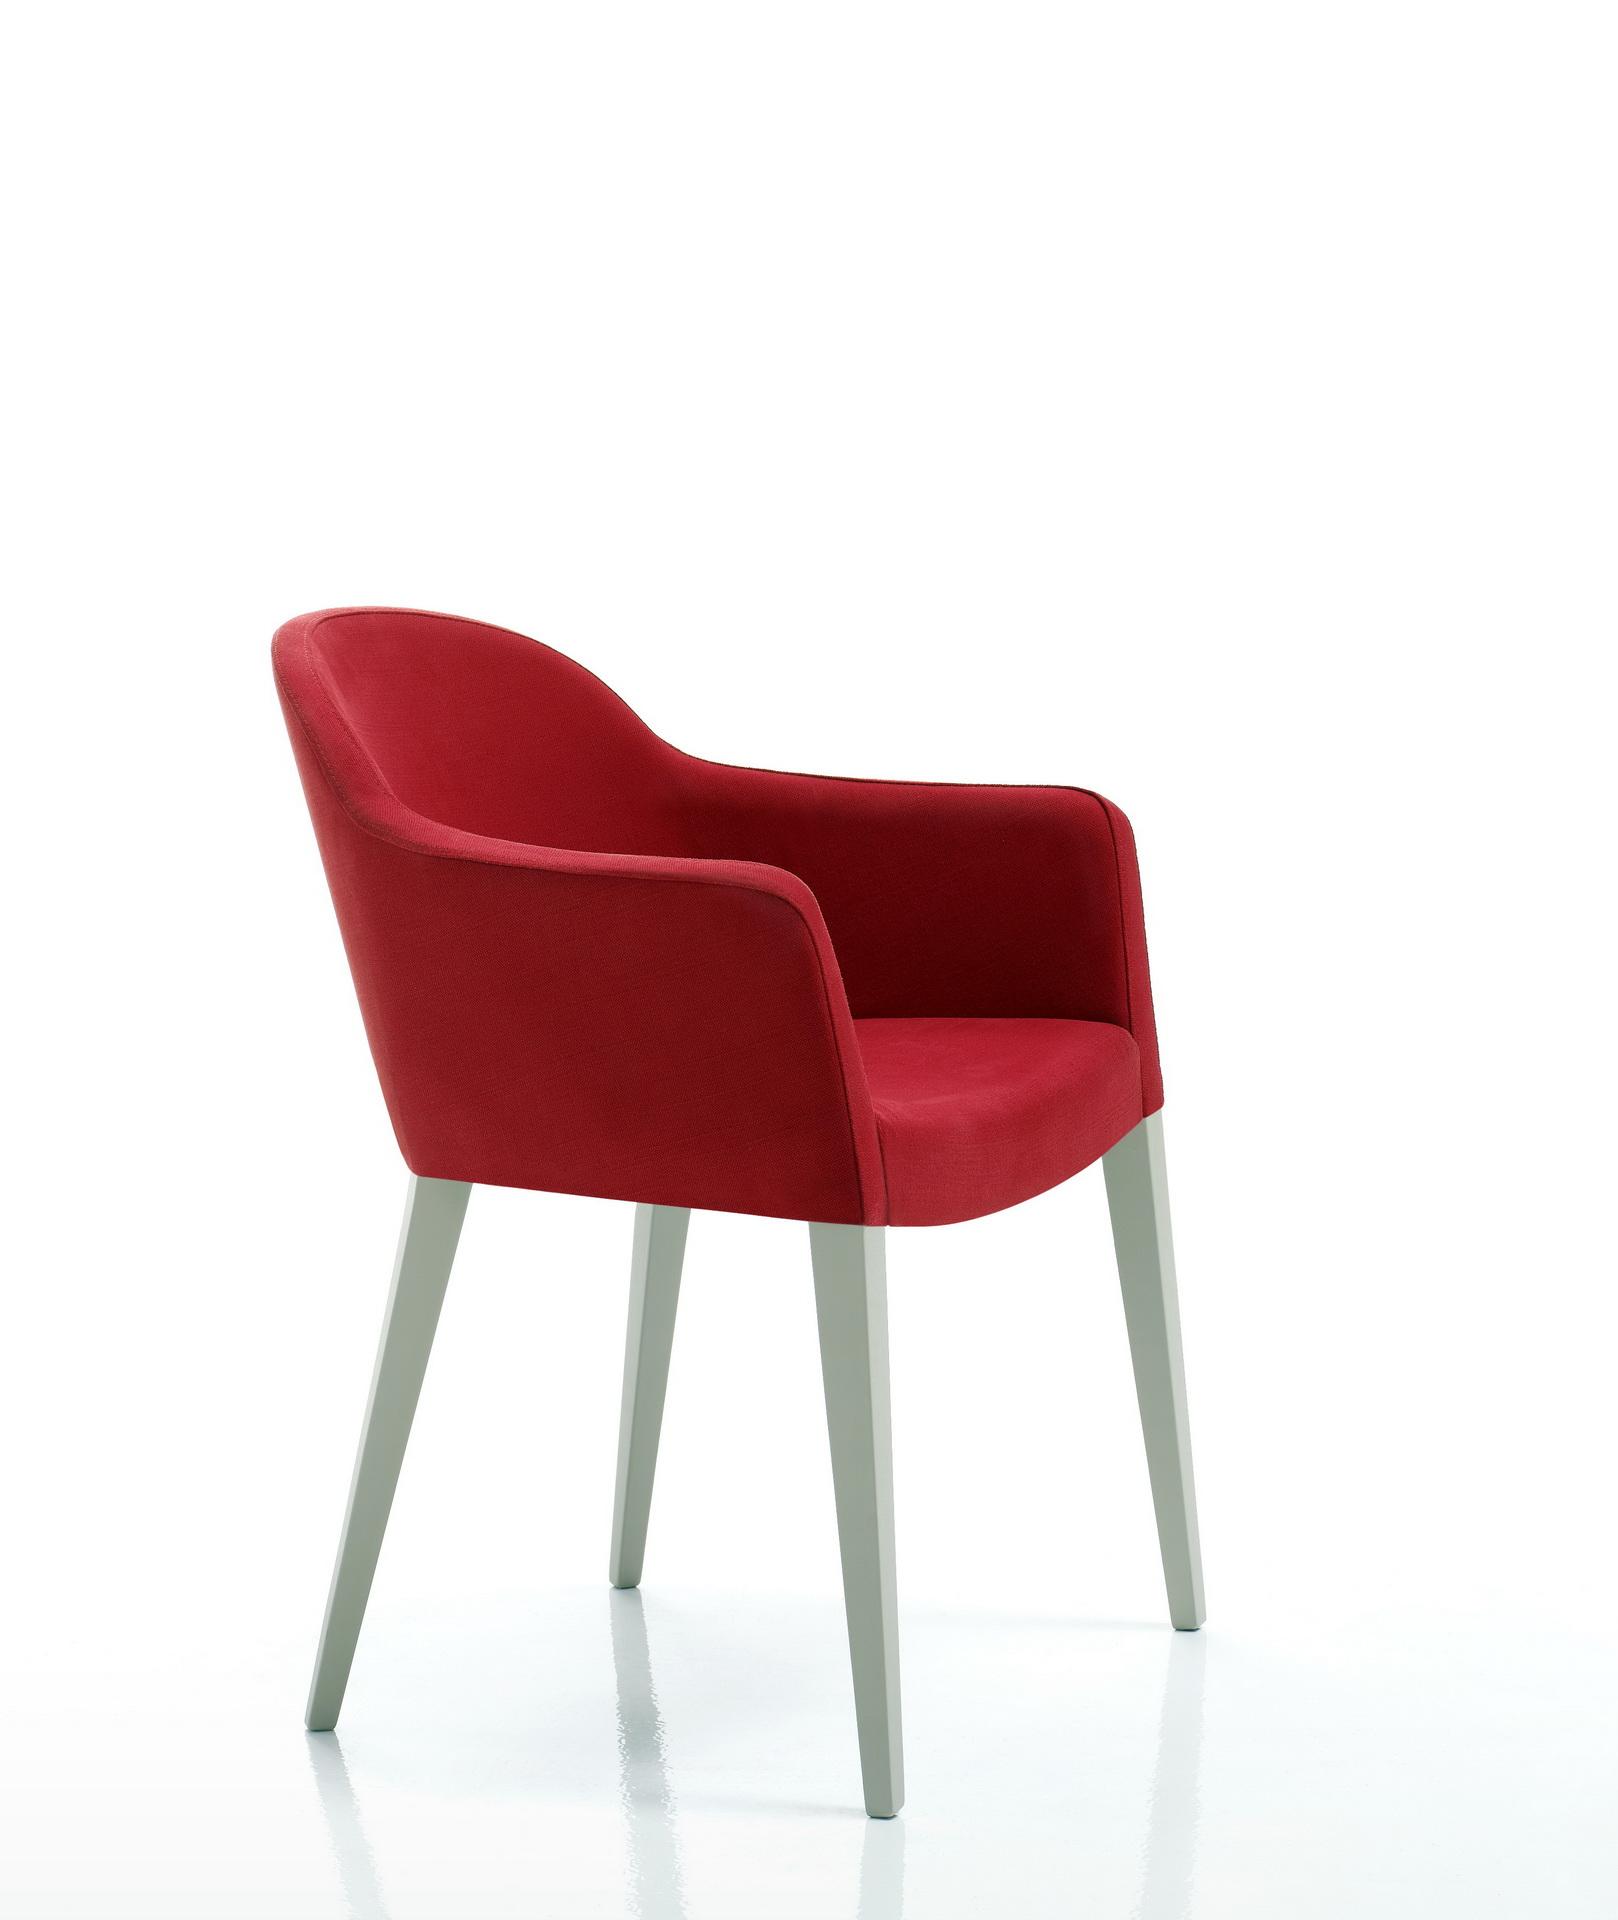 Muebles baratos en leon latest full size of muebles para banos baratos madrid nuevo bano en del - Muebles baratos tarragona ...